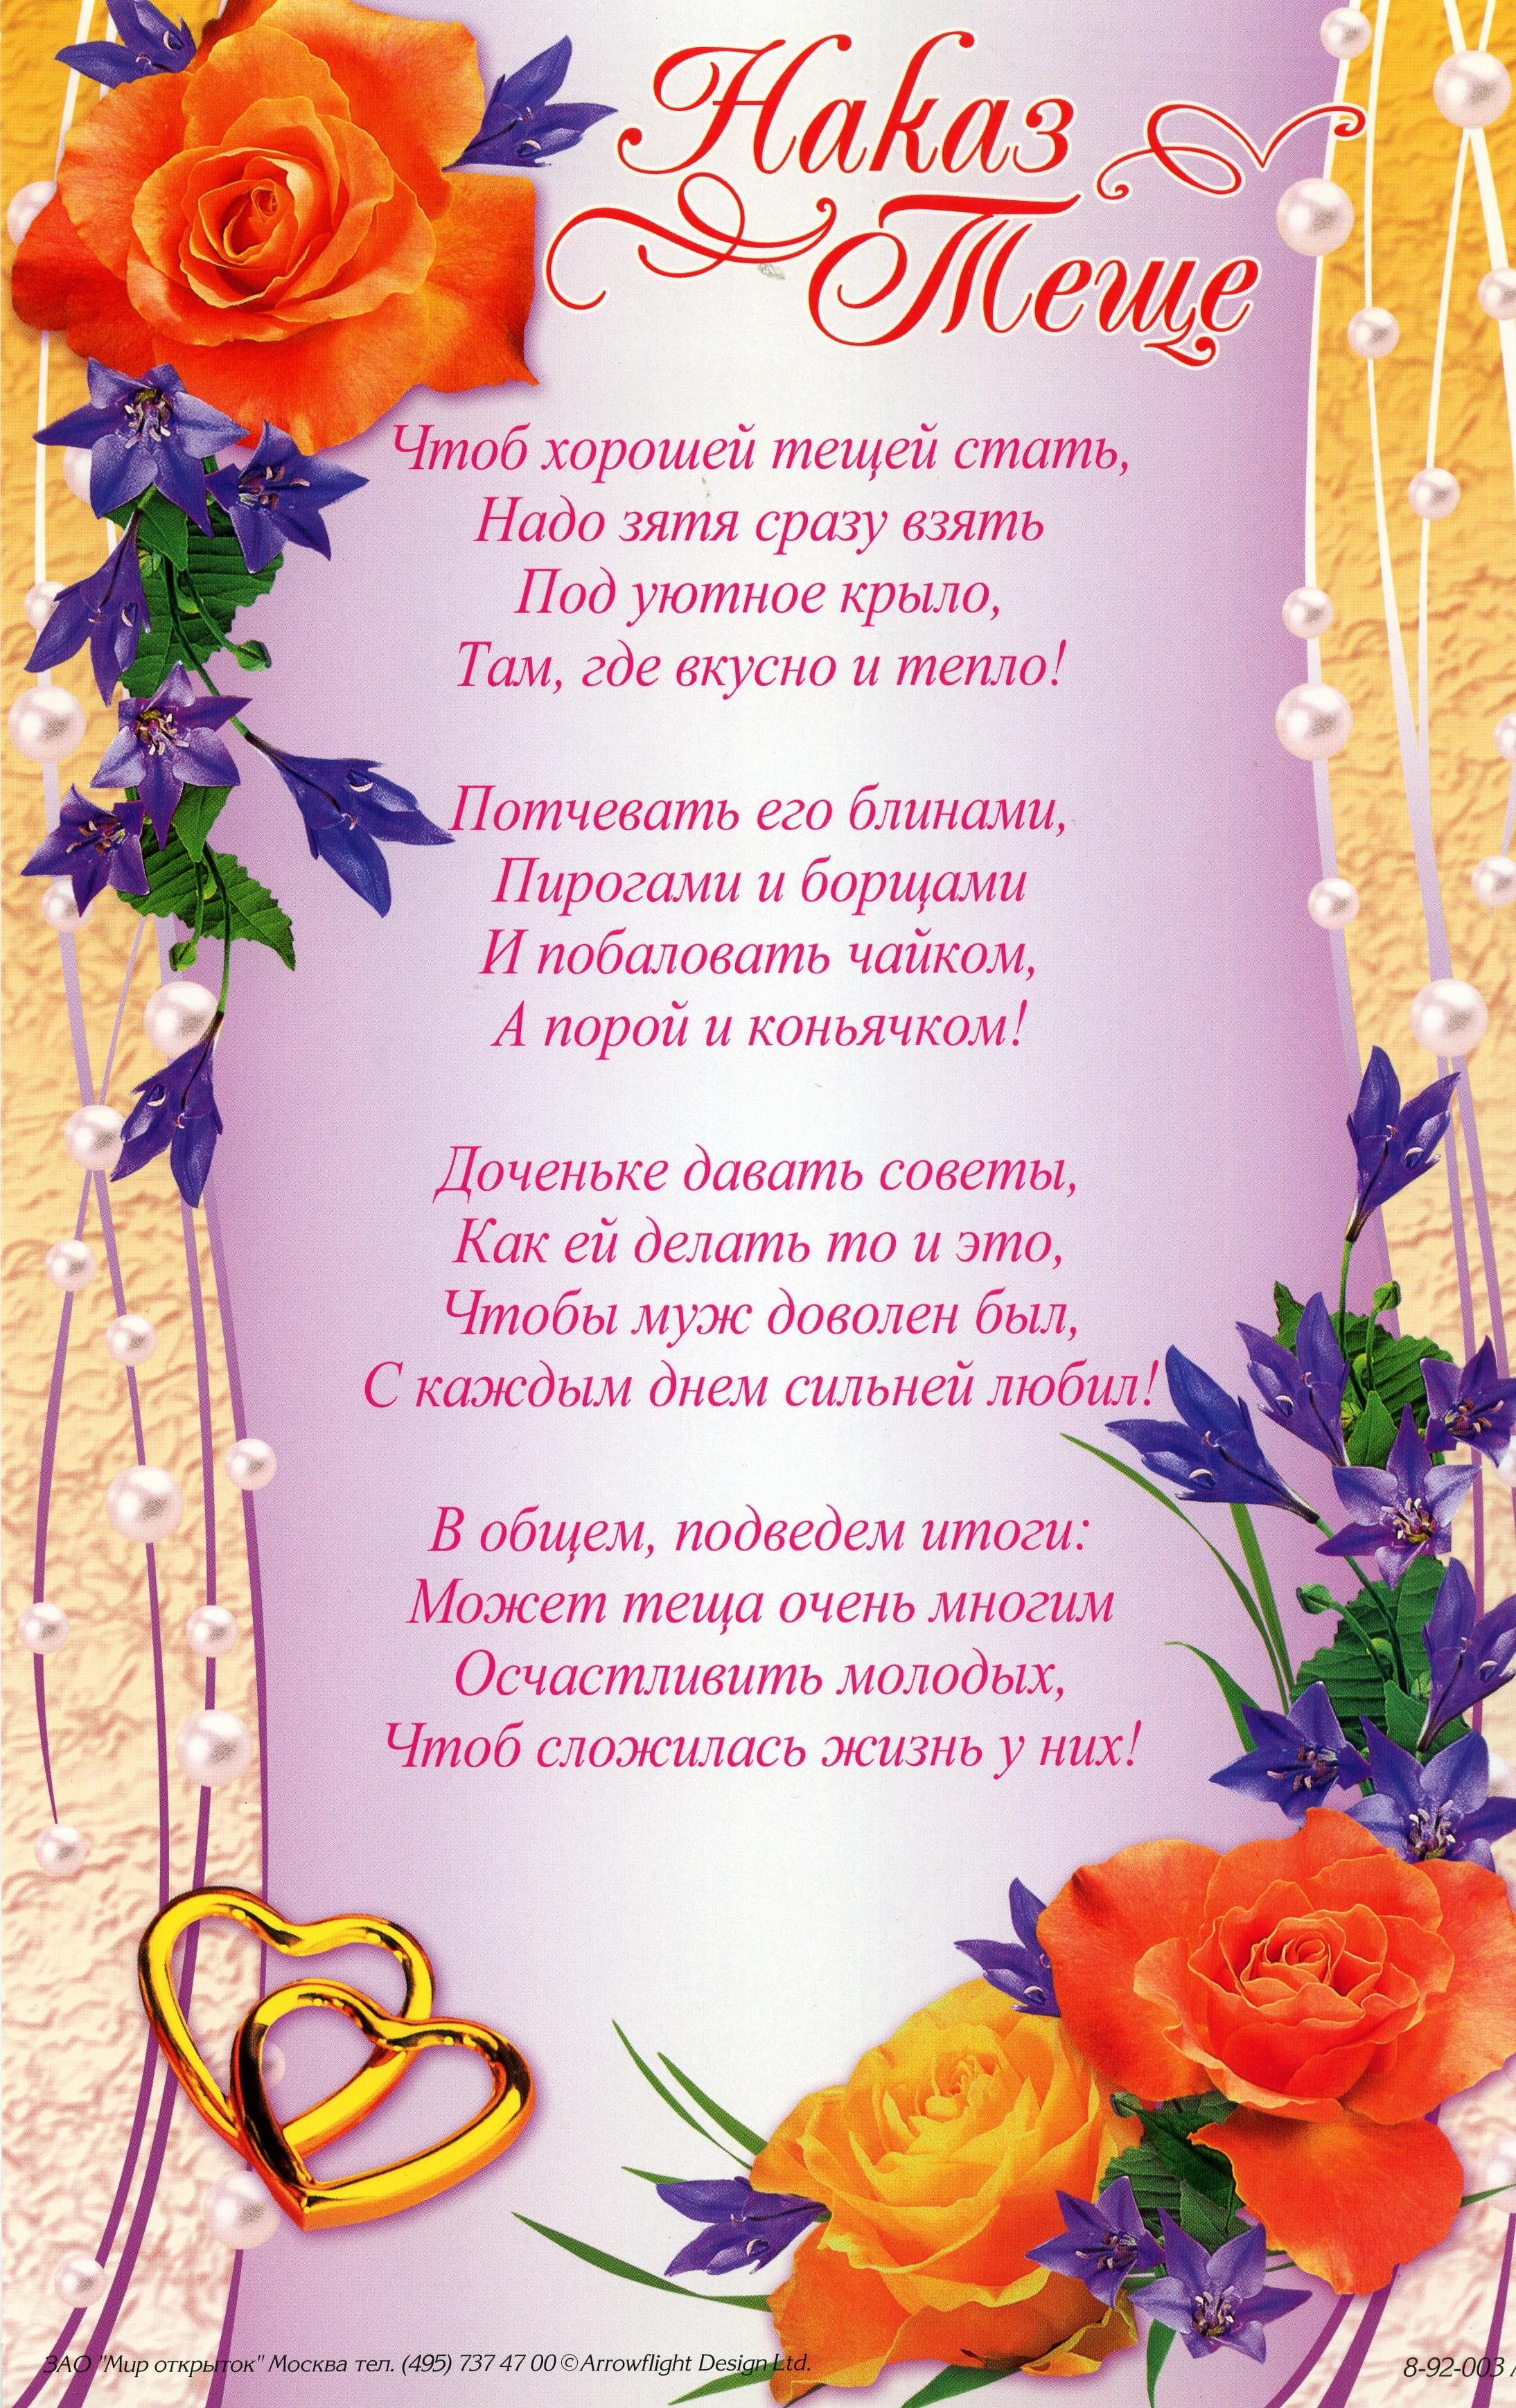 С днем свадьбы поздравления свекрови с днем рождения